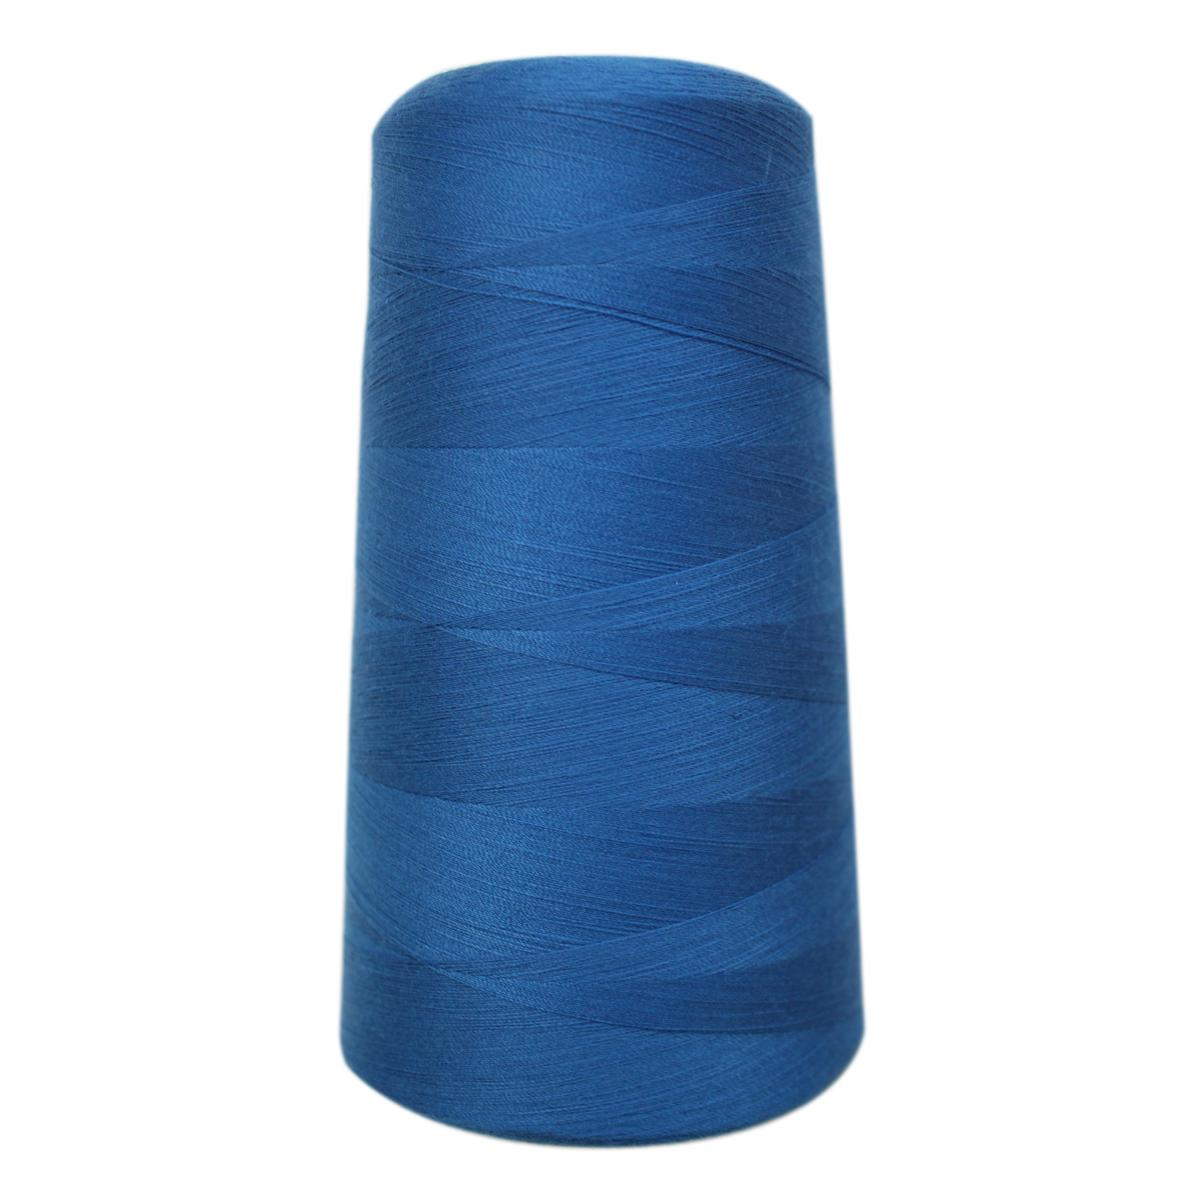 Нитки для шитья Bestex 50/2, 5000 ярд, цвет: ярк.василек (092)7700936-092Сфера использования: трикотаж; ткани малого веса; оверлочные швы; отделка краев; вышивка. Размер игл №70-80